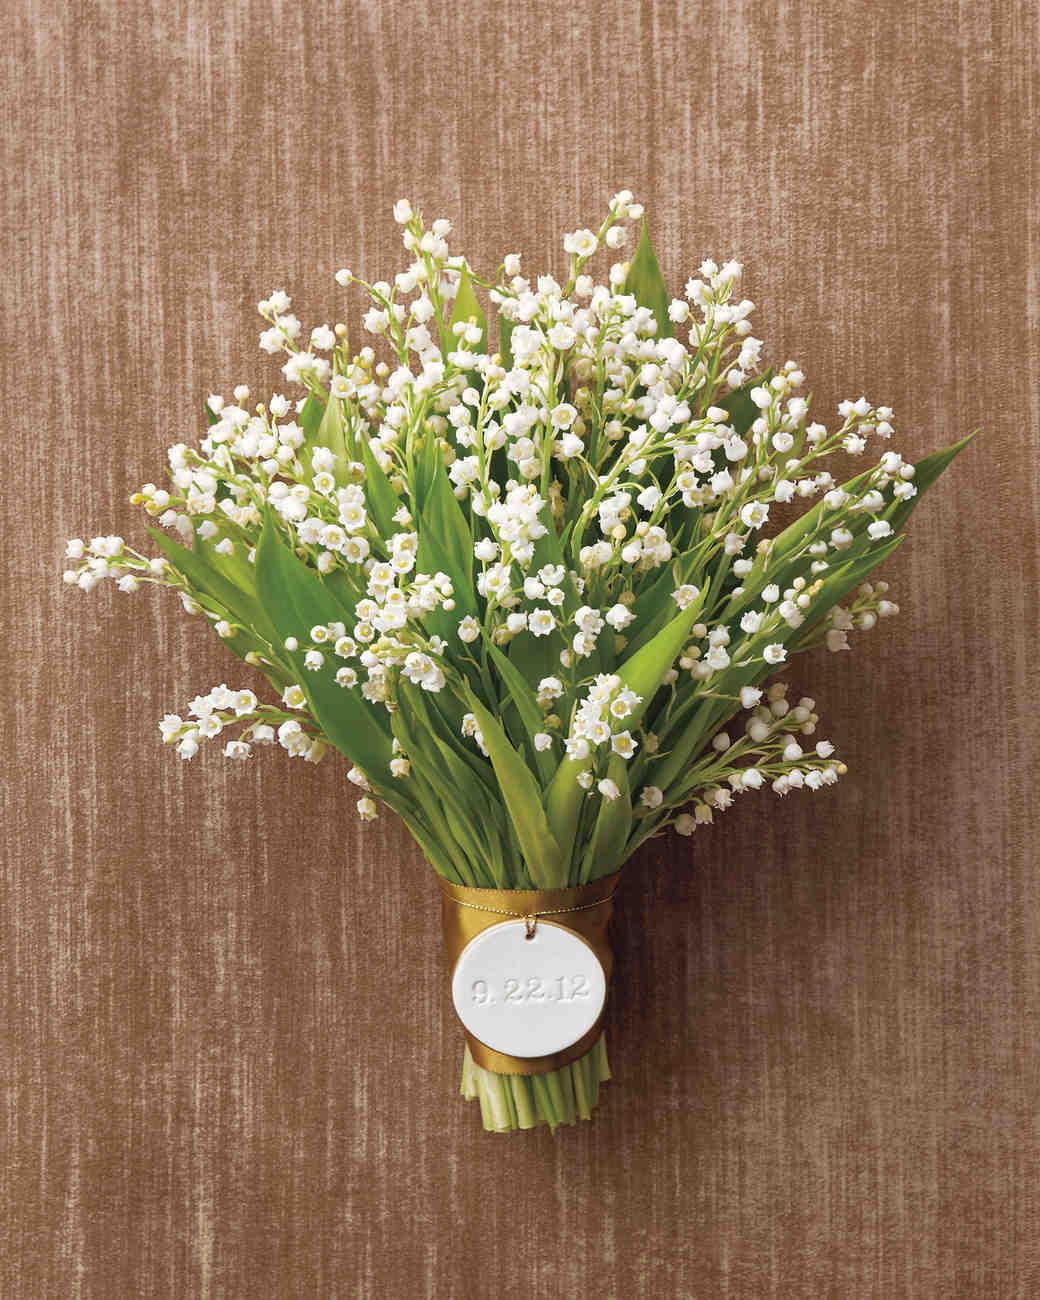 meaningful-bouquet-md109189.jpg